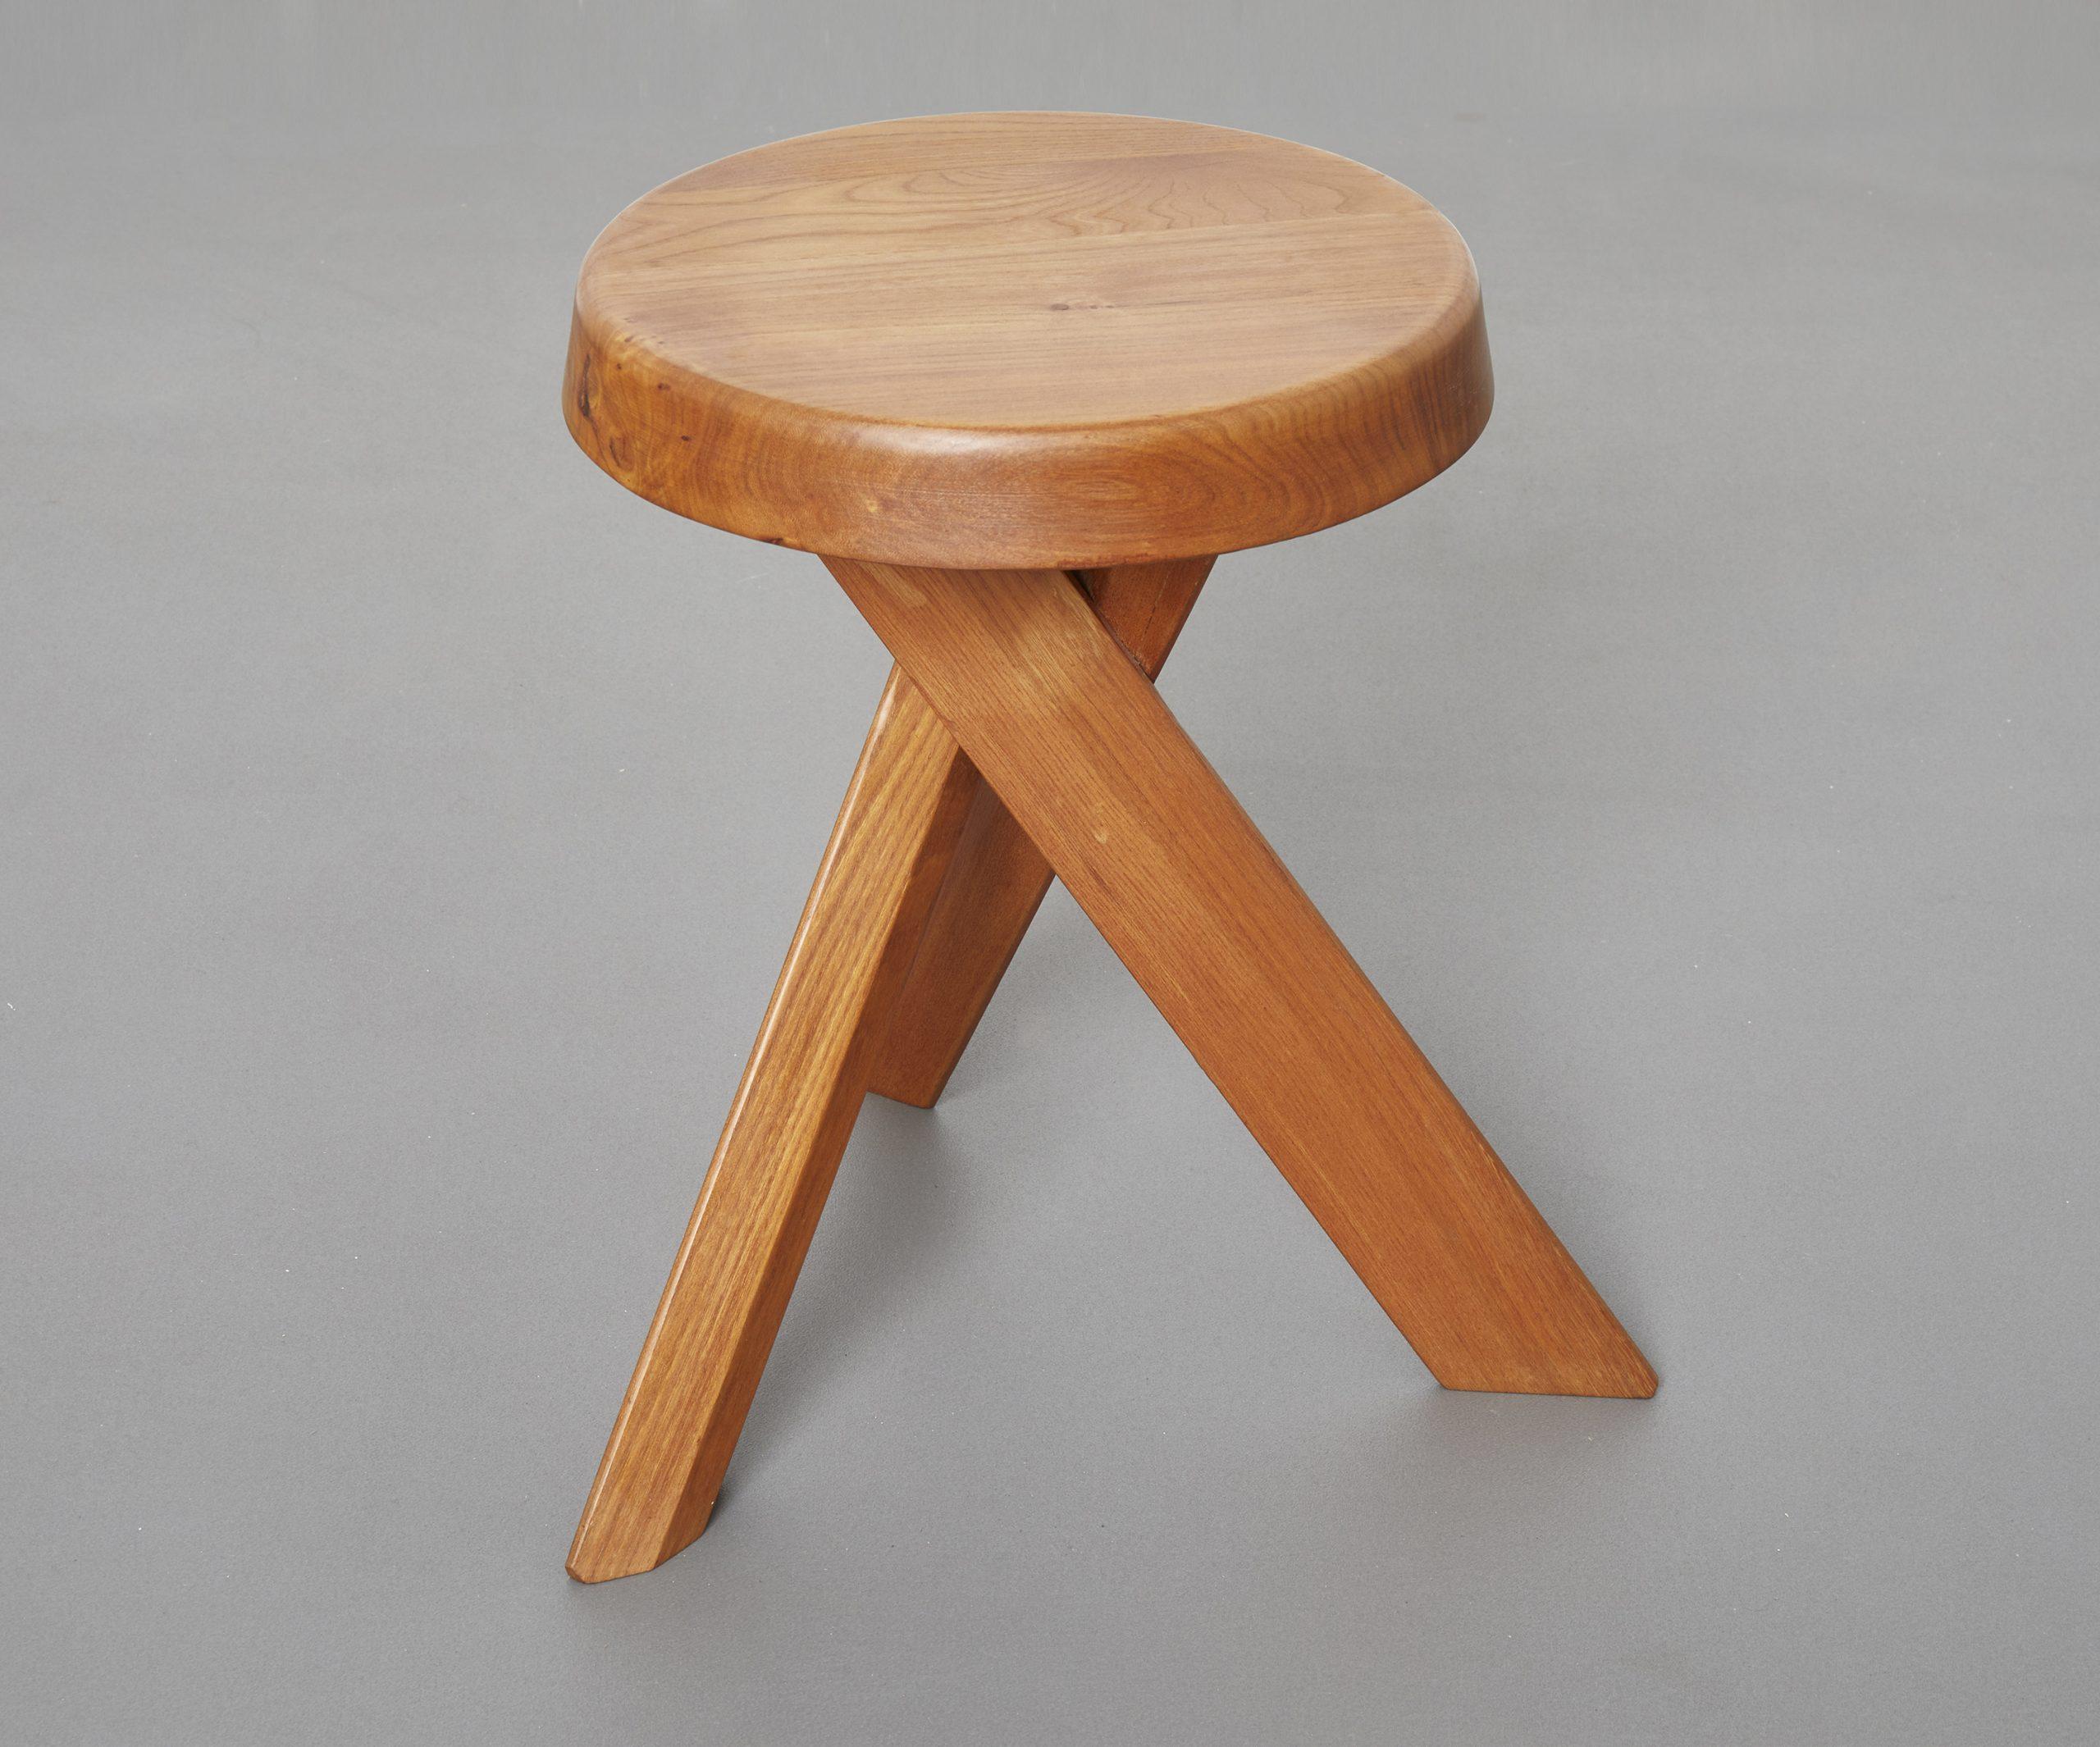 pierre-chapo-s31-elmwood-stool-image-02